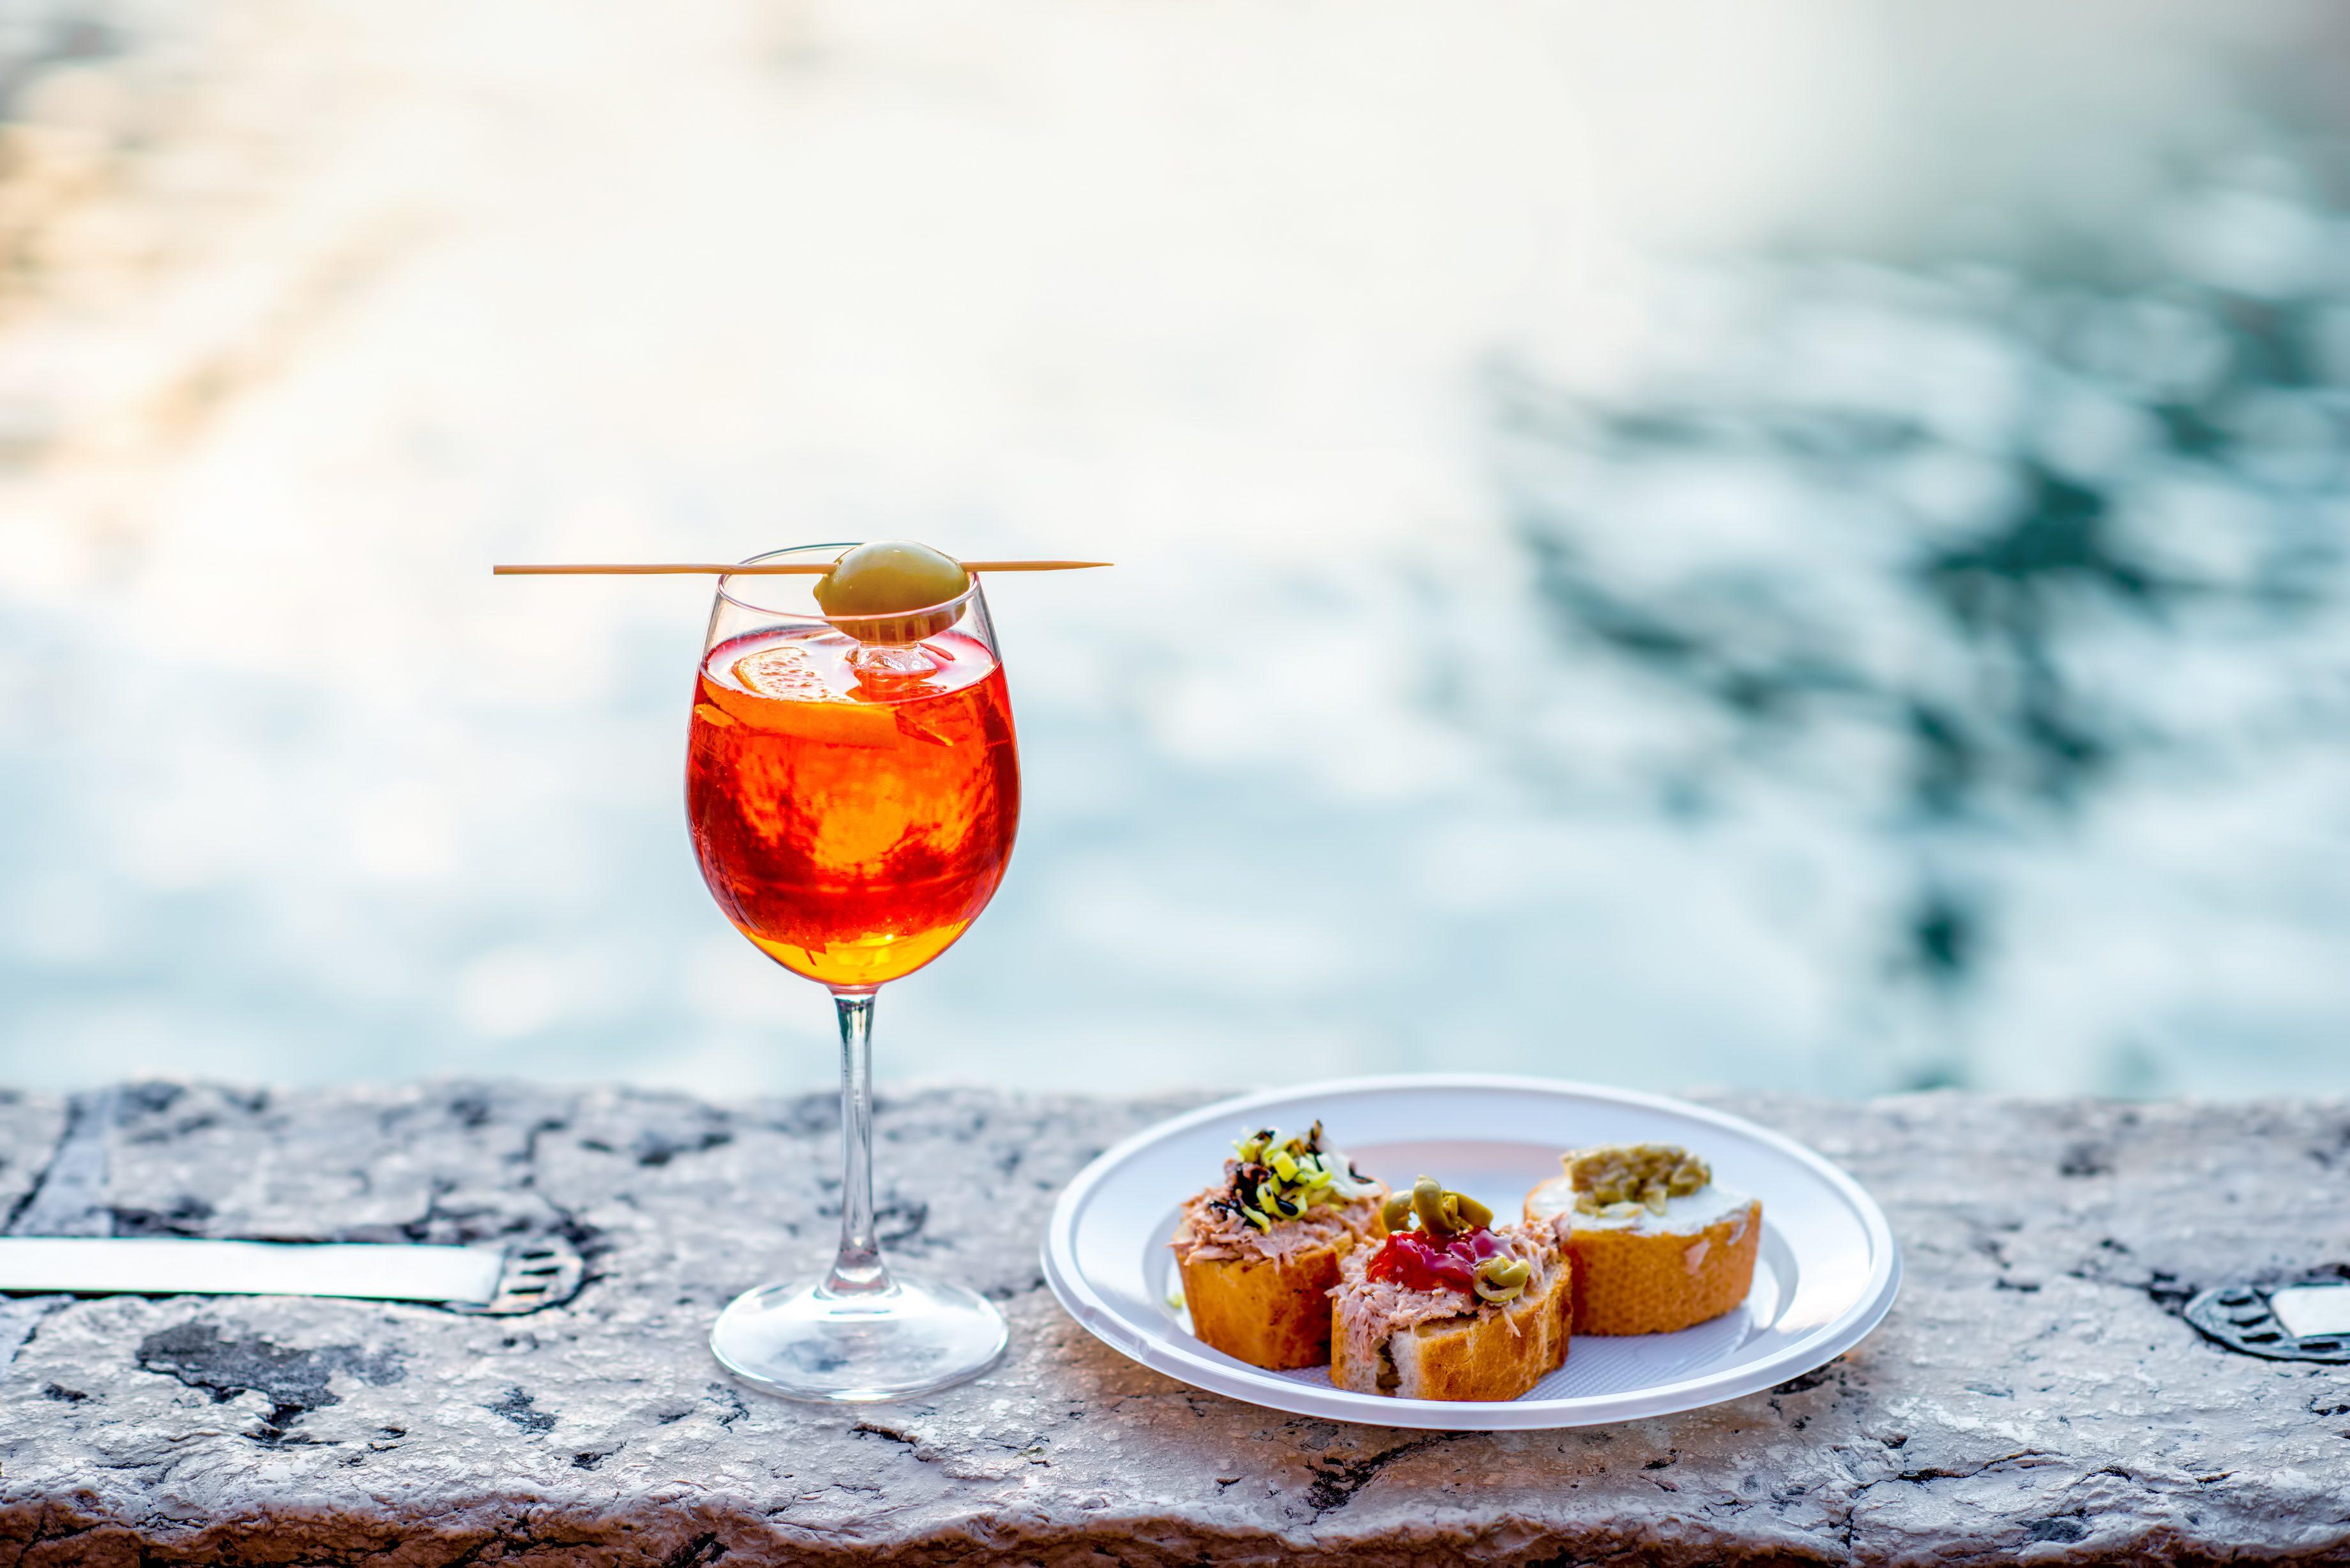 Andar per bacari a Venezia: nella Laguna tra cicchetti, Spritz e ombre de vin